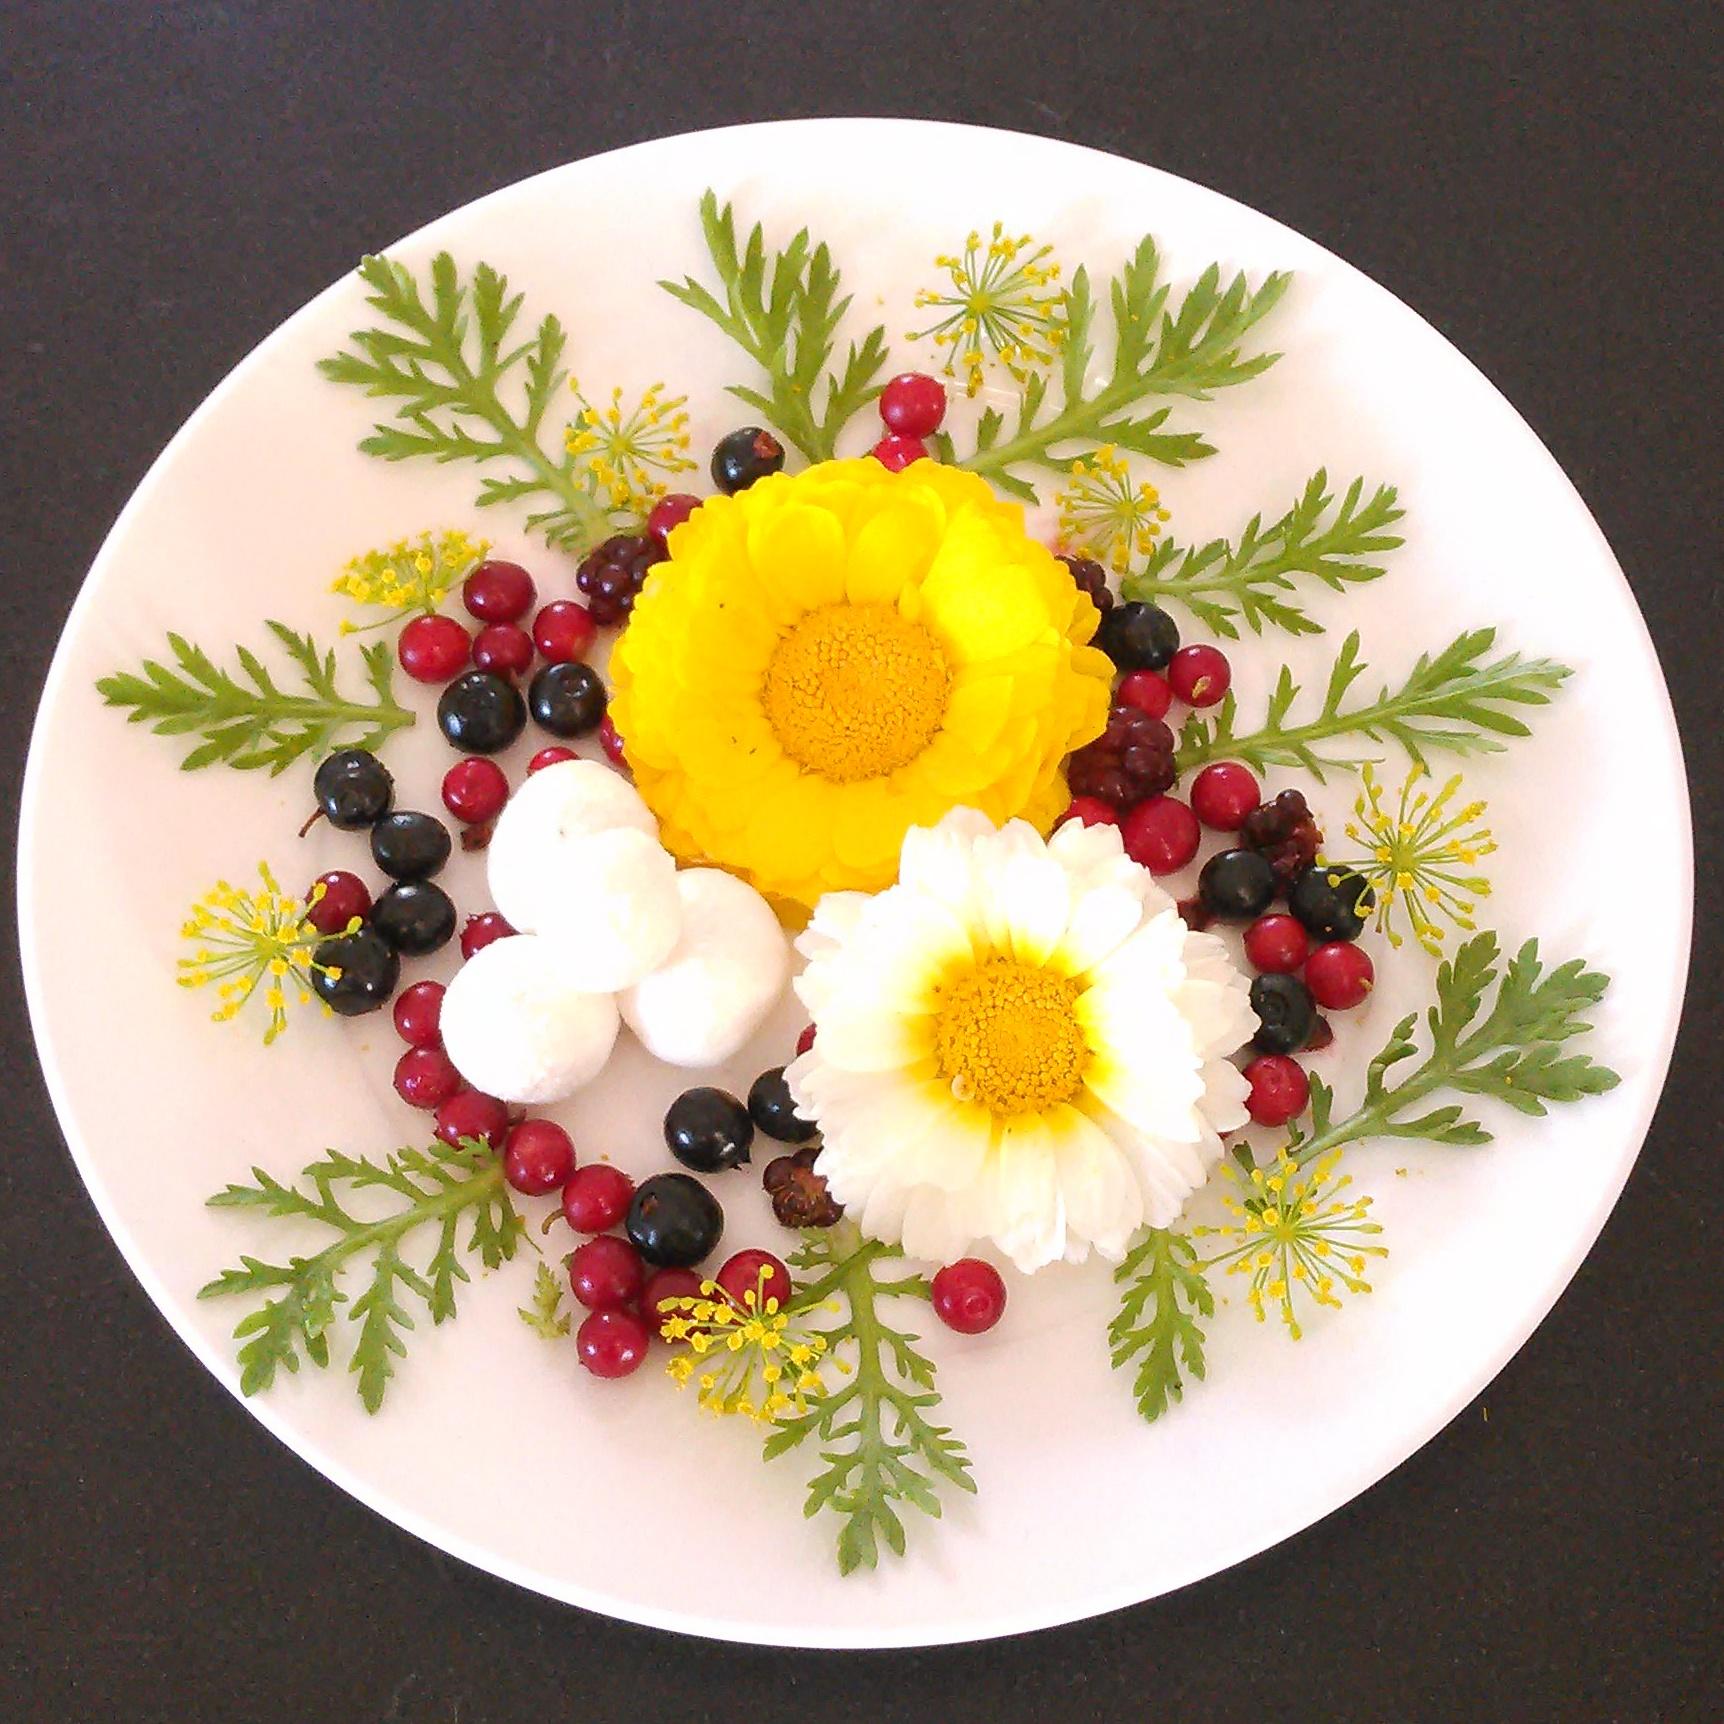 En liten salatrett etter bærtur i Drøbak med blåbær,tyttebær,blokkebær,bjørnebær blader og blomster av shinguku og dill fra Dysterjordet andelslandbruk og noen chevrekuler. Dette ble spist sammen med deilig spekeskinke og knekkebrød. Bær fra skogen løfter alle retter opp i himmelen :)